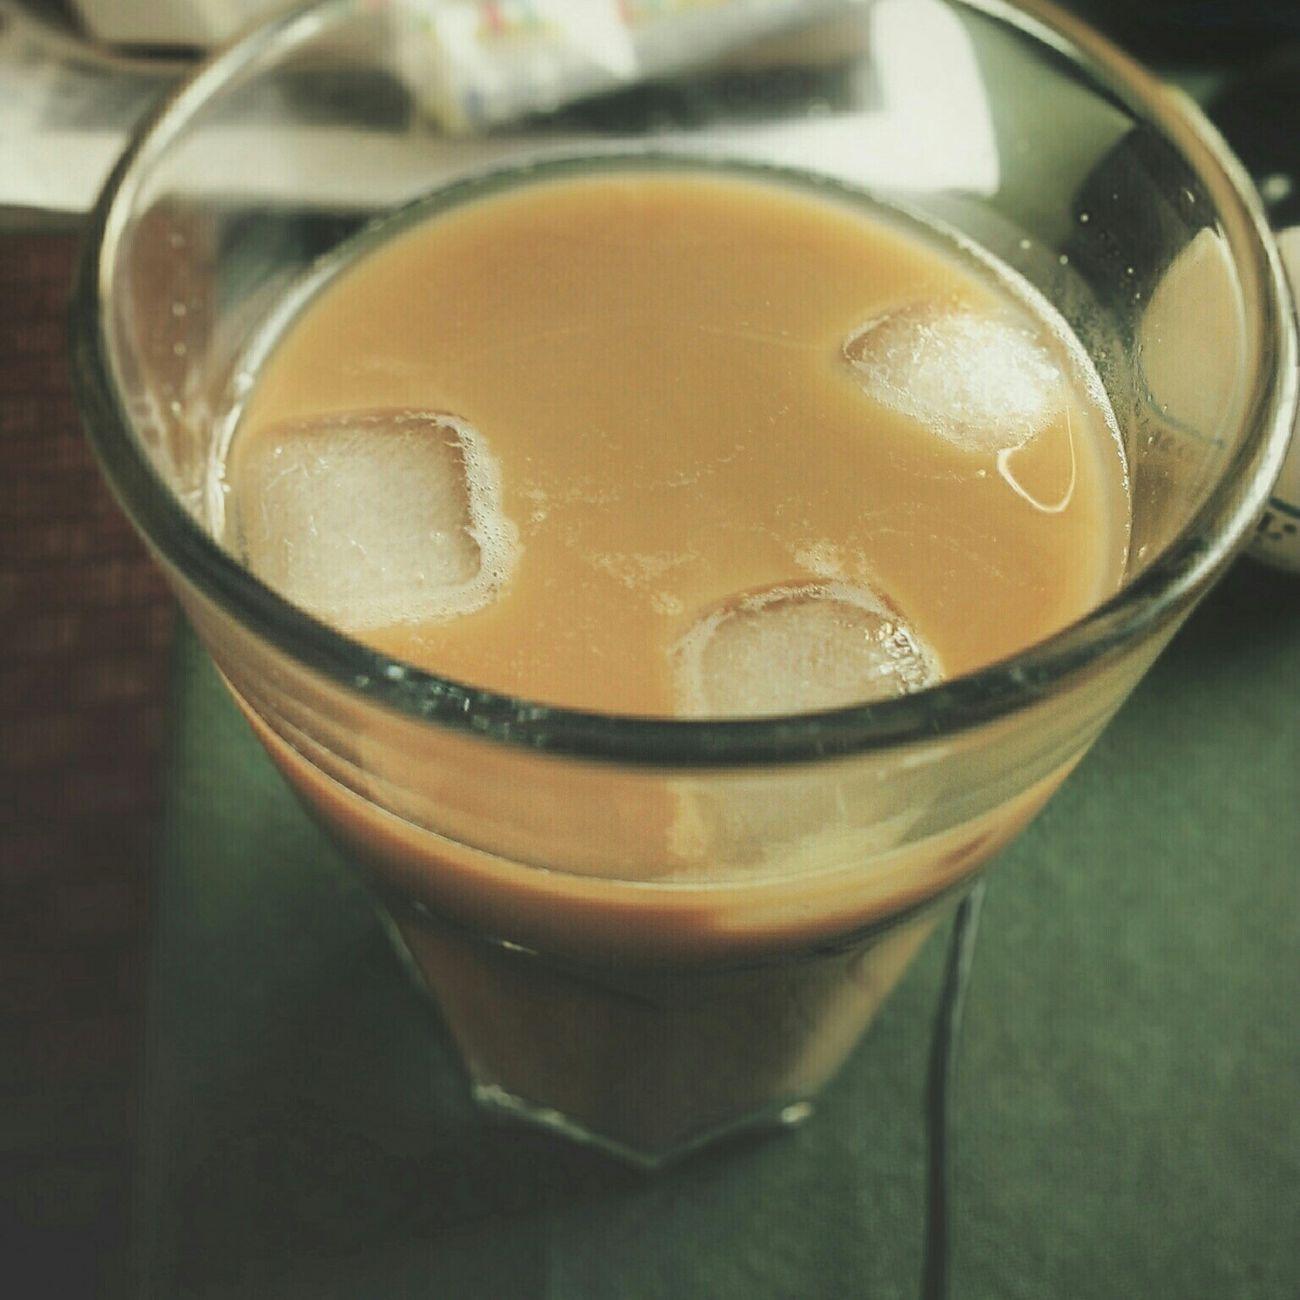 Icecoffee Chilling Summertime Toohottohandle Ruczaj Krakow Secondeyeemphoto Howtolive Endorfiner MyAddiction